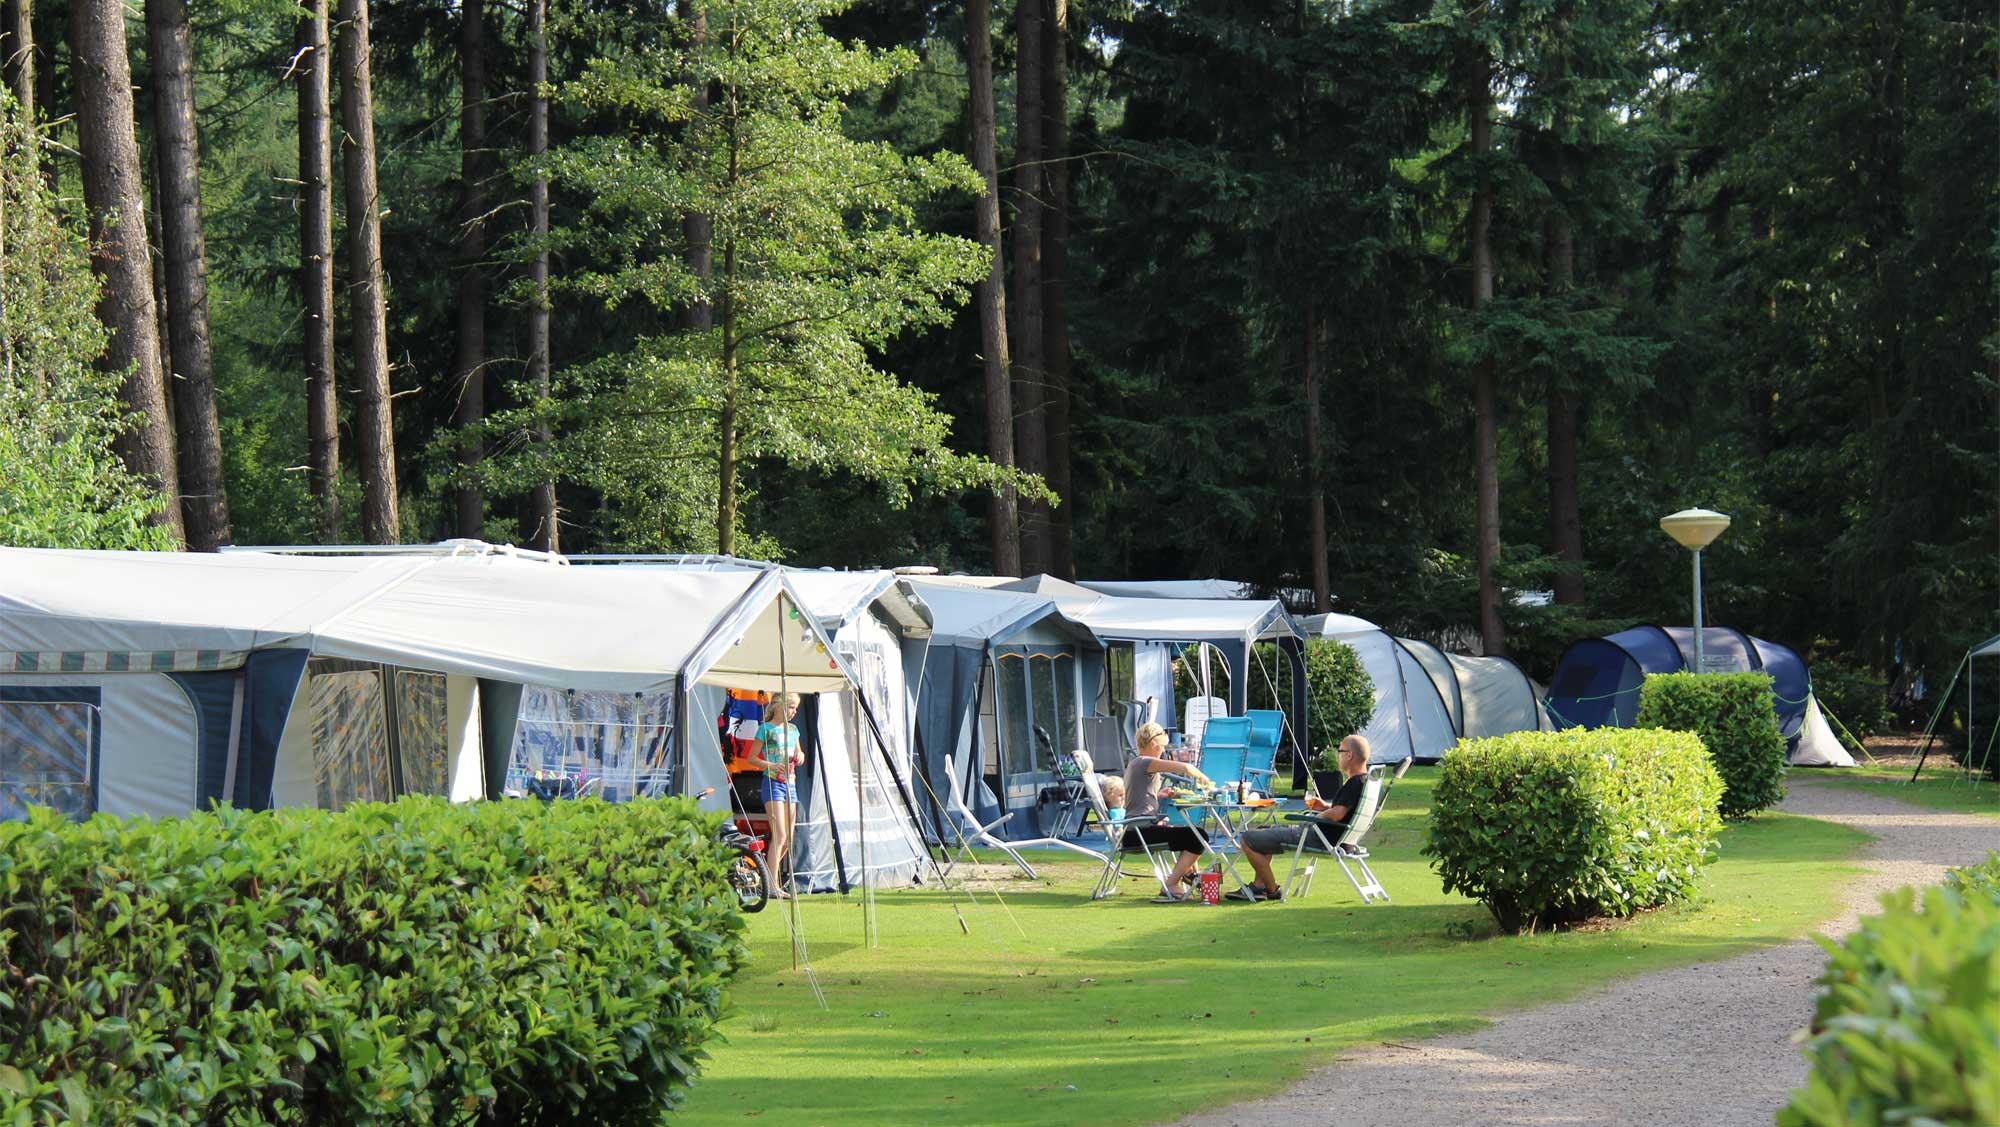 Seizoenplaats kamperen Molecaten Park De Leemkule